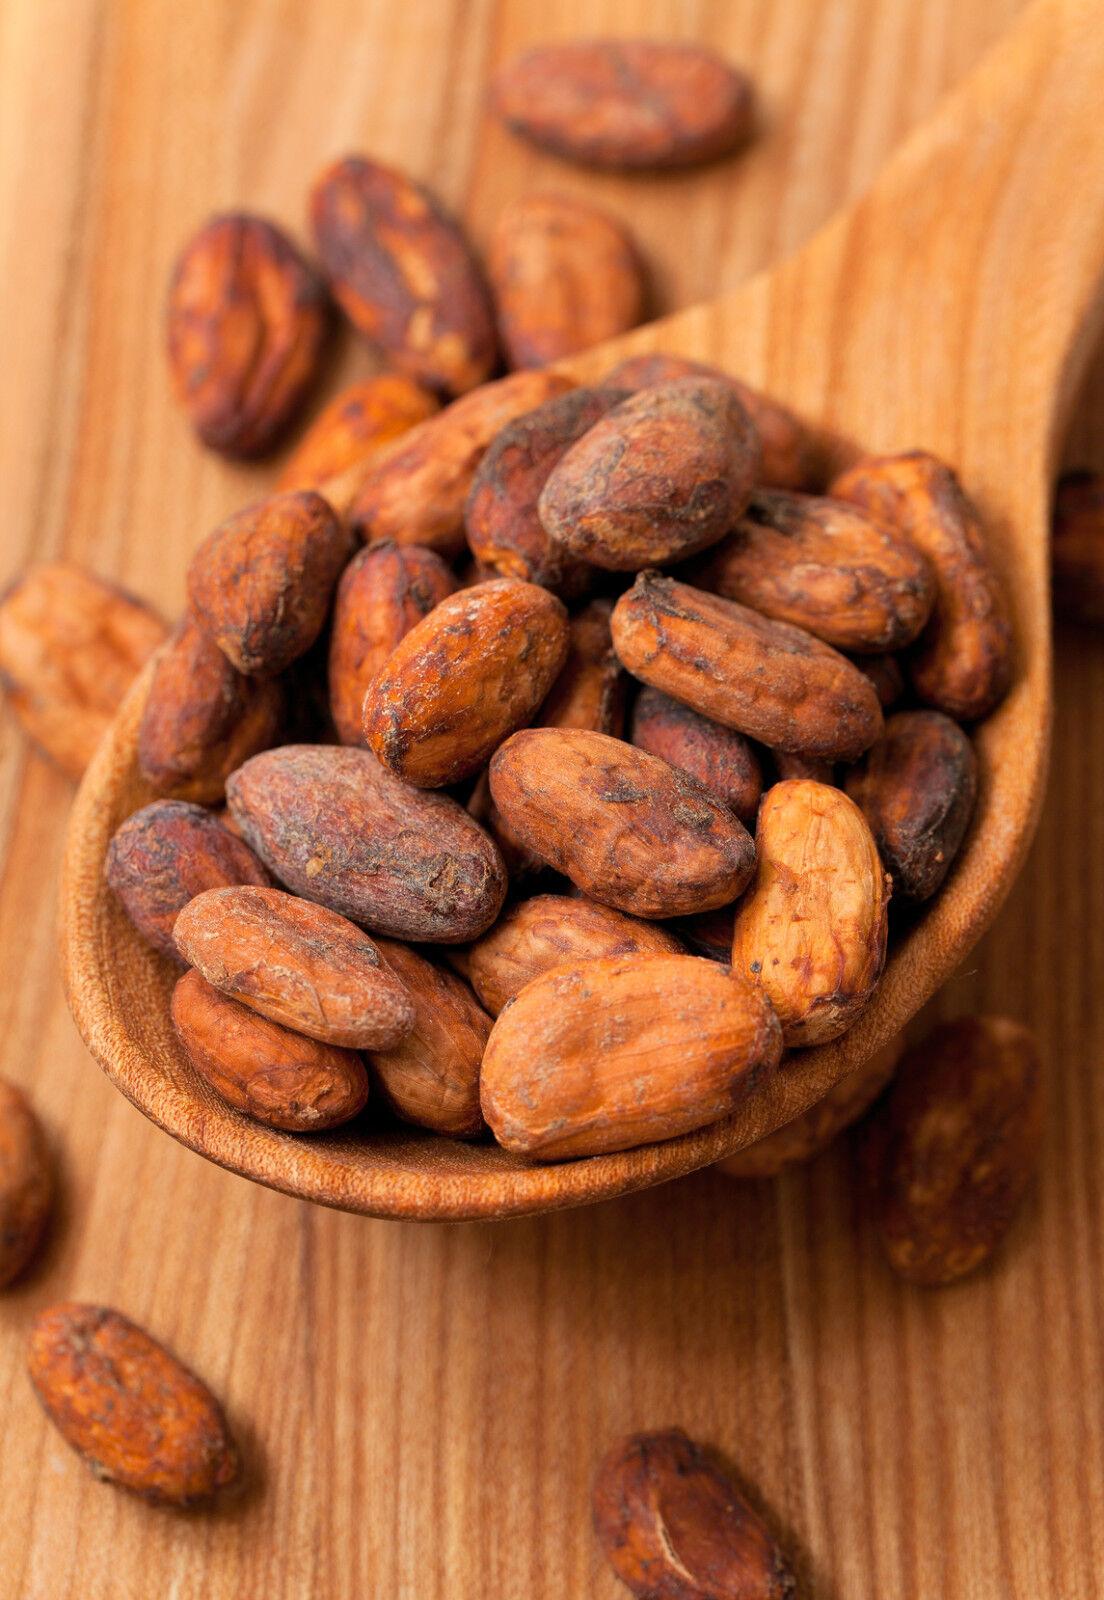 500 g Kakaobohnen roh - unbehandelt ganz Kakao Bohne rein Rohkost